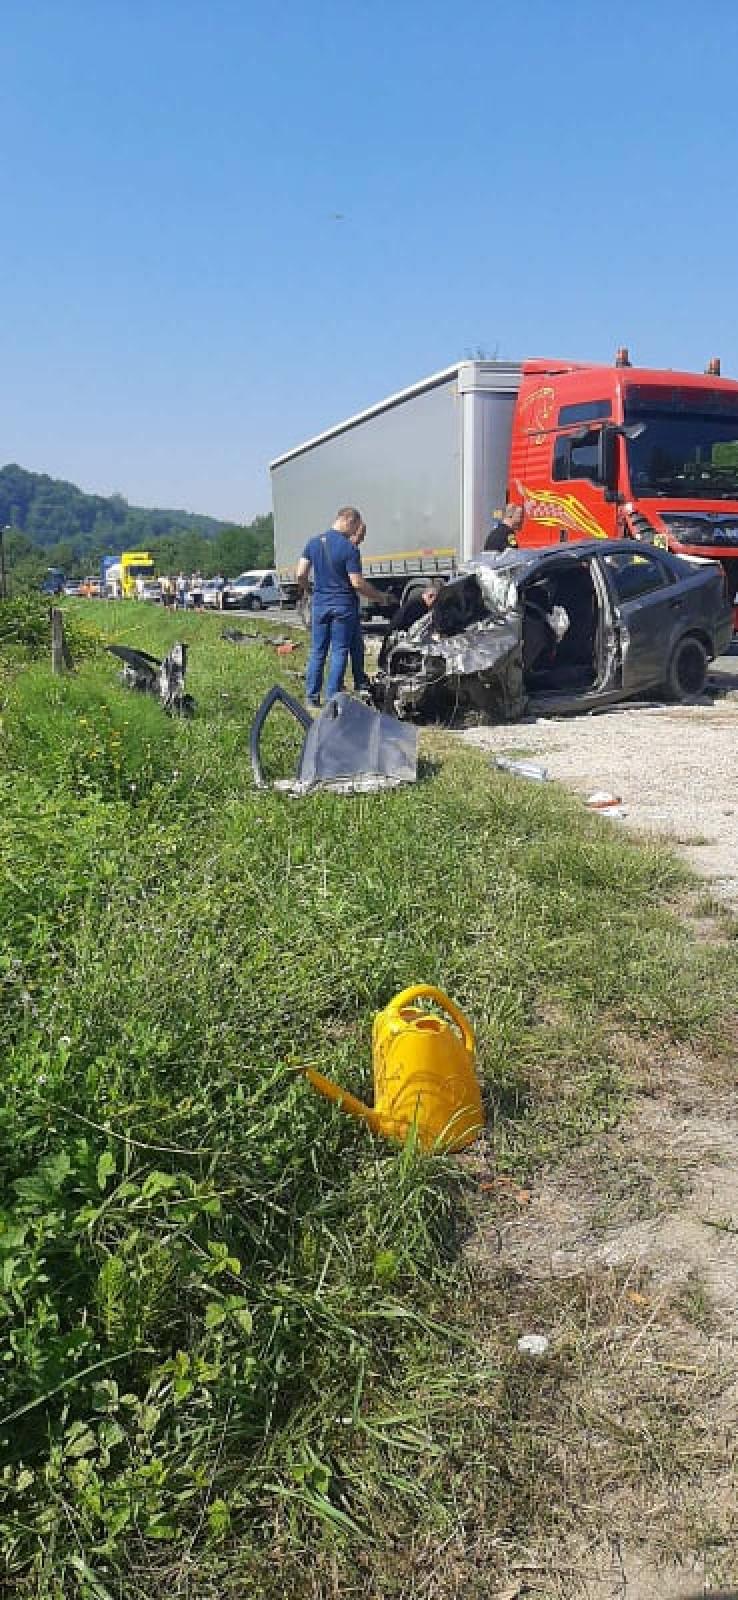 Stravična fotografija s mjesta nesreće